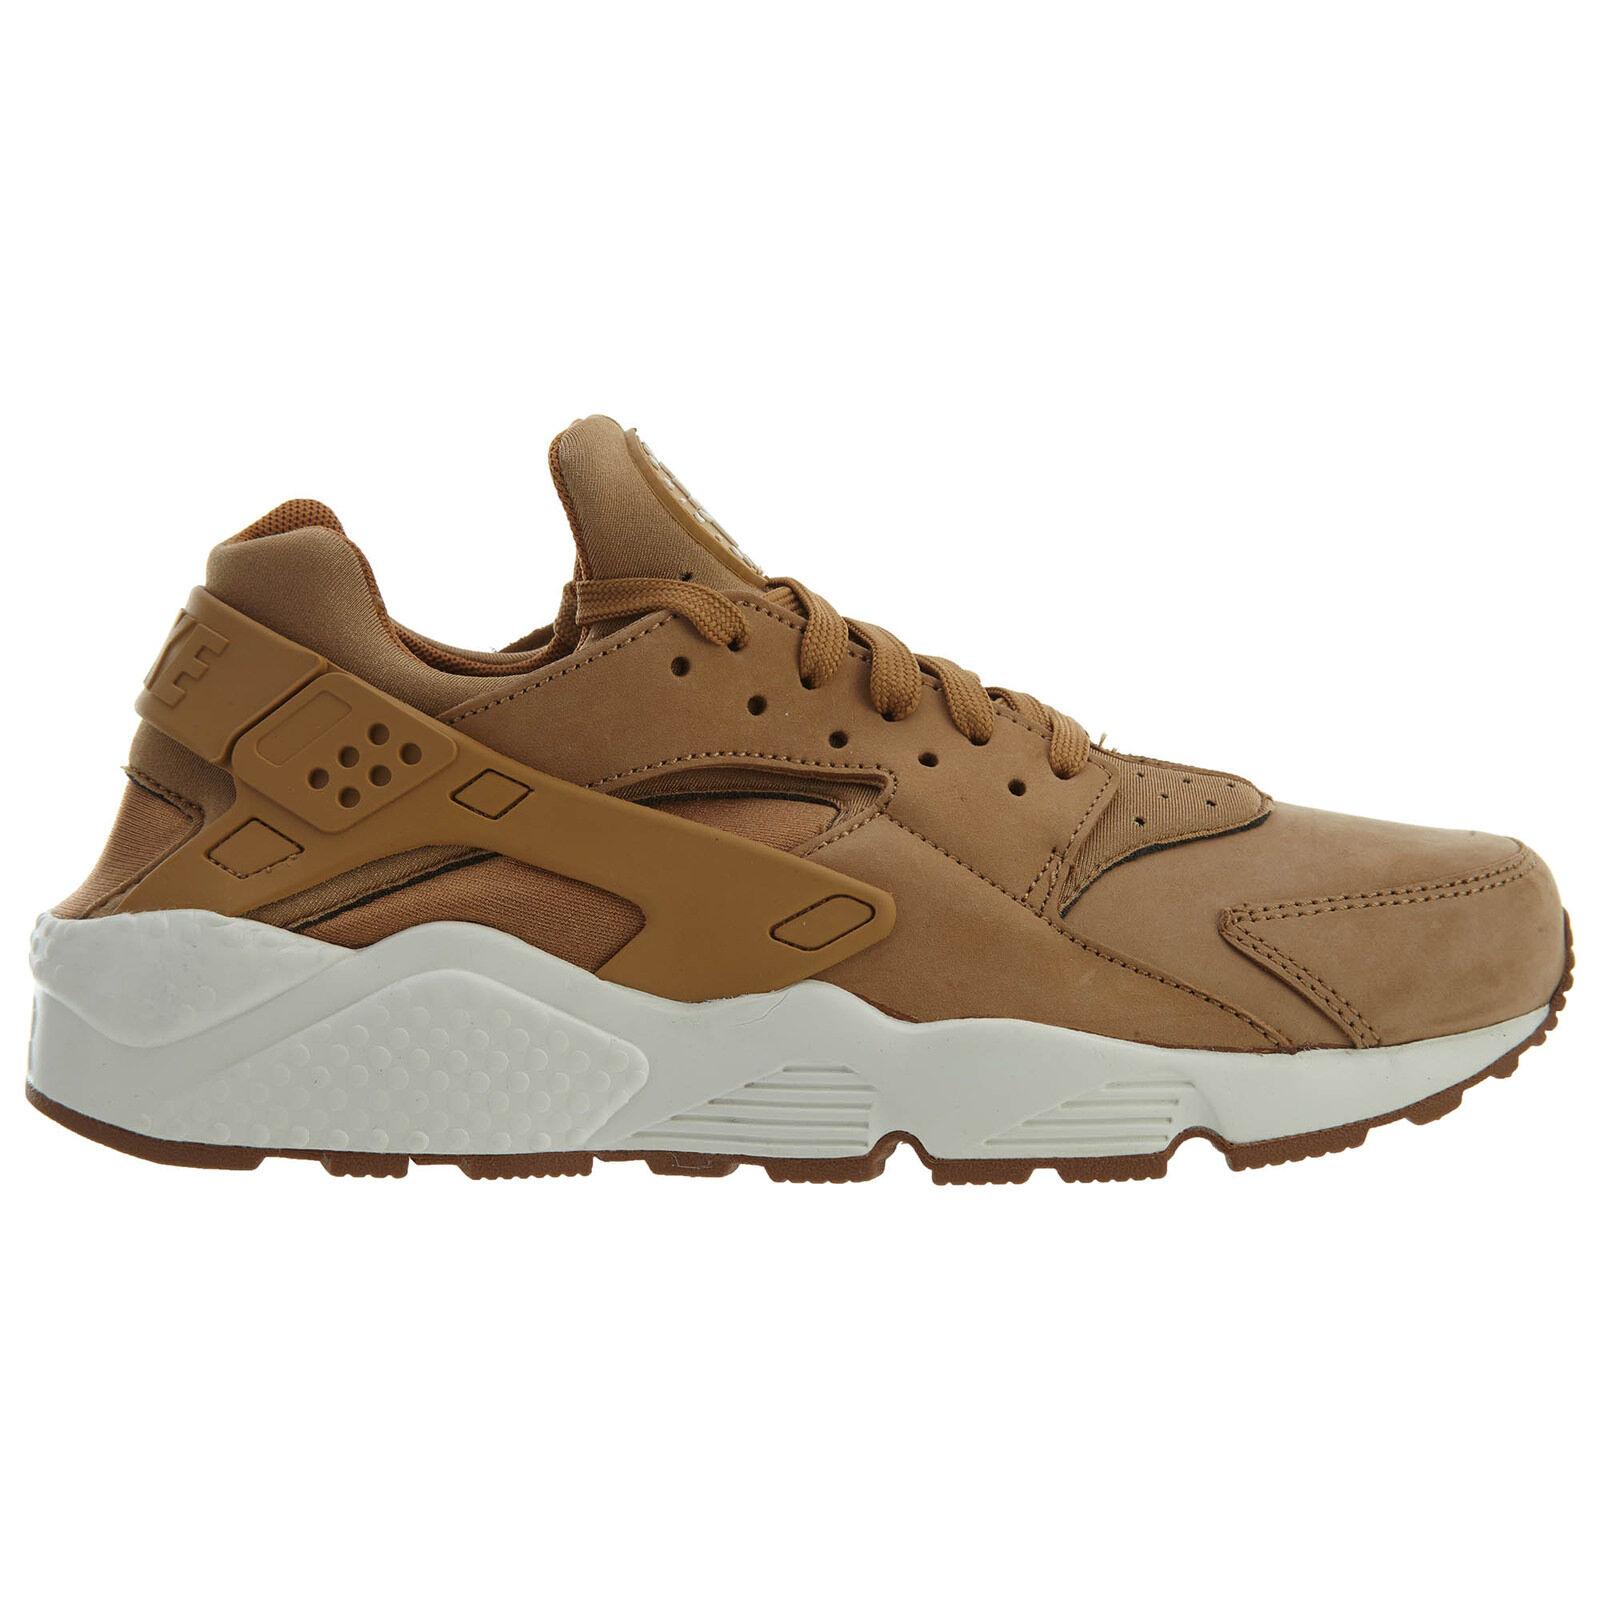 Nike Brown Air Huarache Mens 318429-202 Flax Sail Gum Brown Nike Running Shoes Size 11 8a4d46